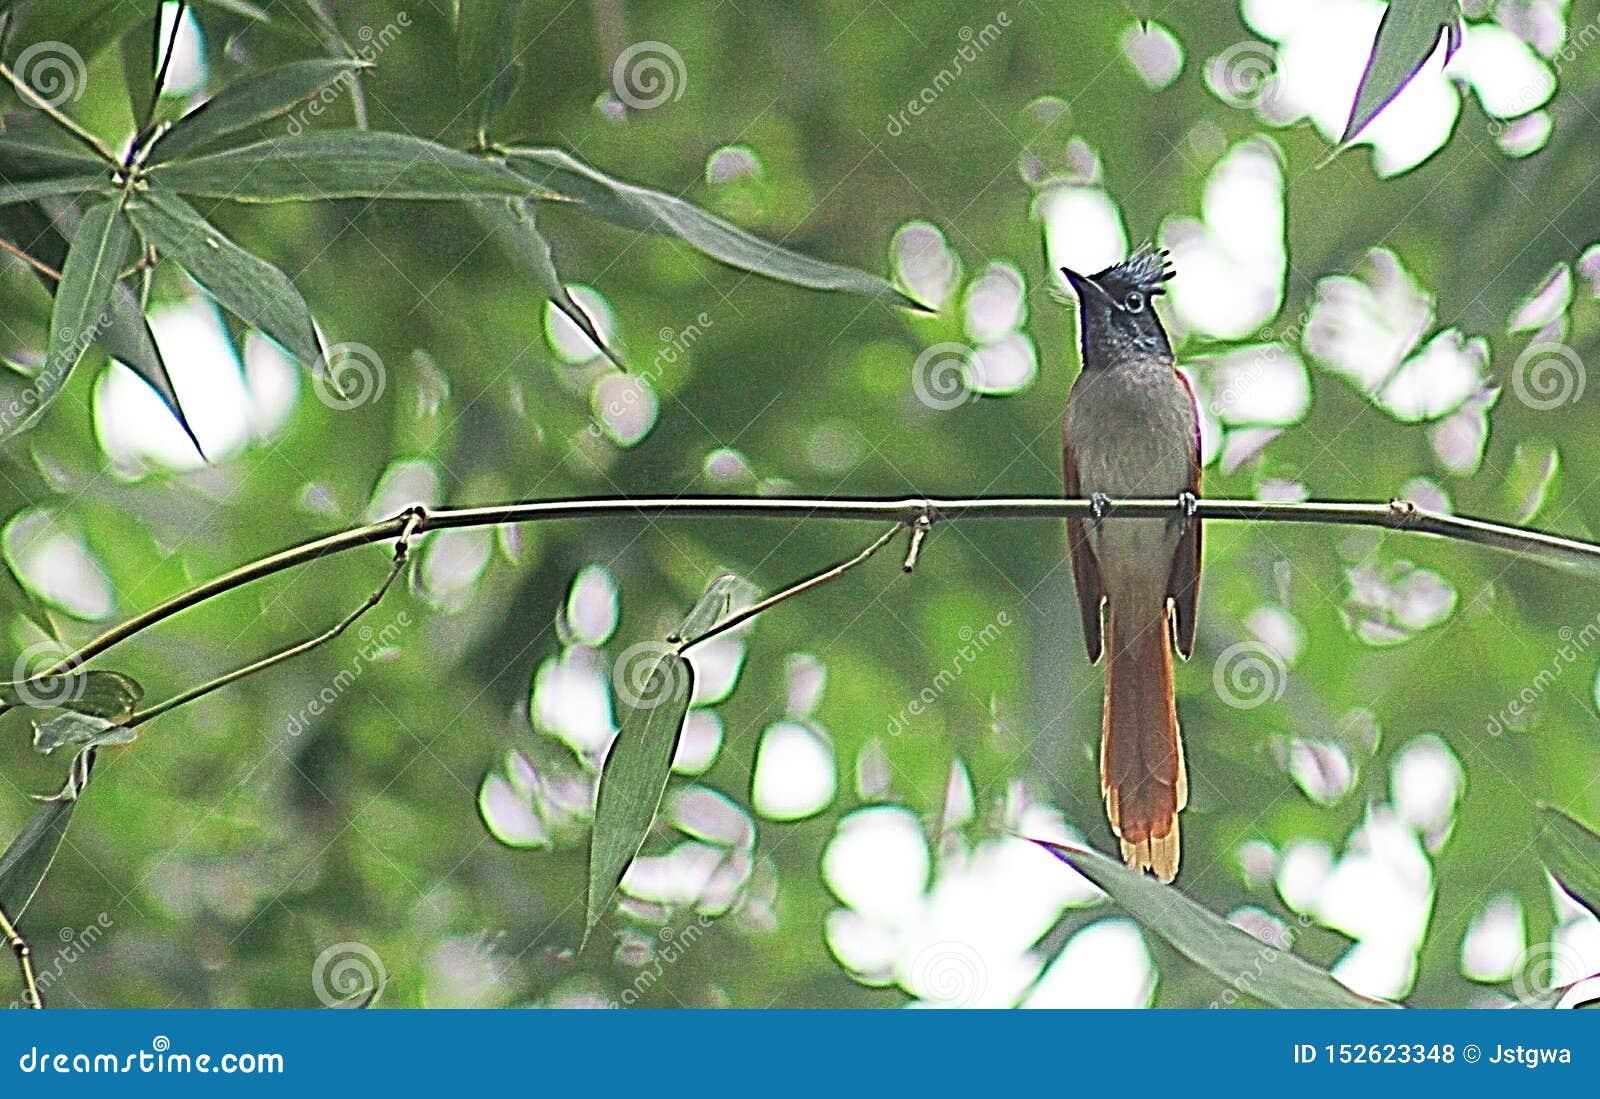 Papa-moscas asiático do paraíso fêmea no habitat